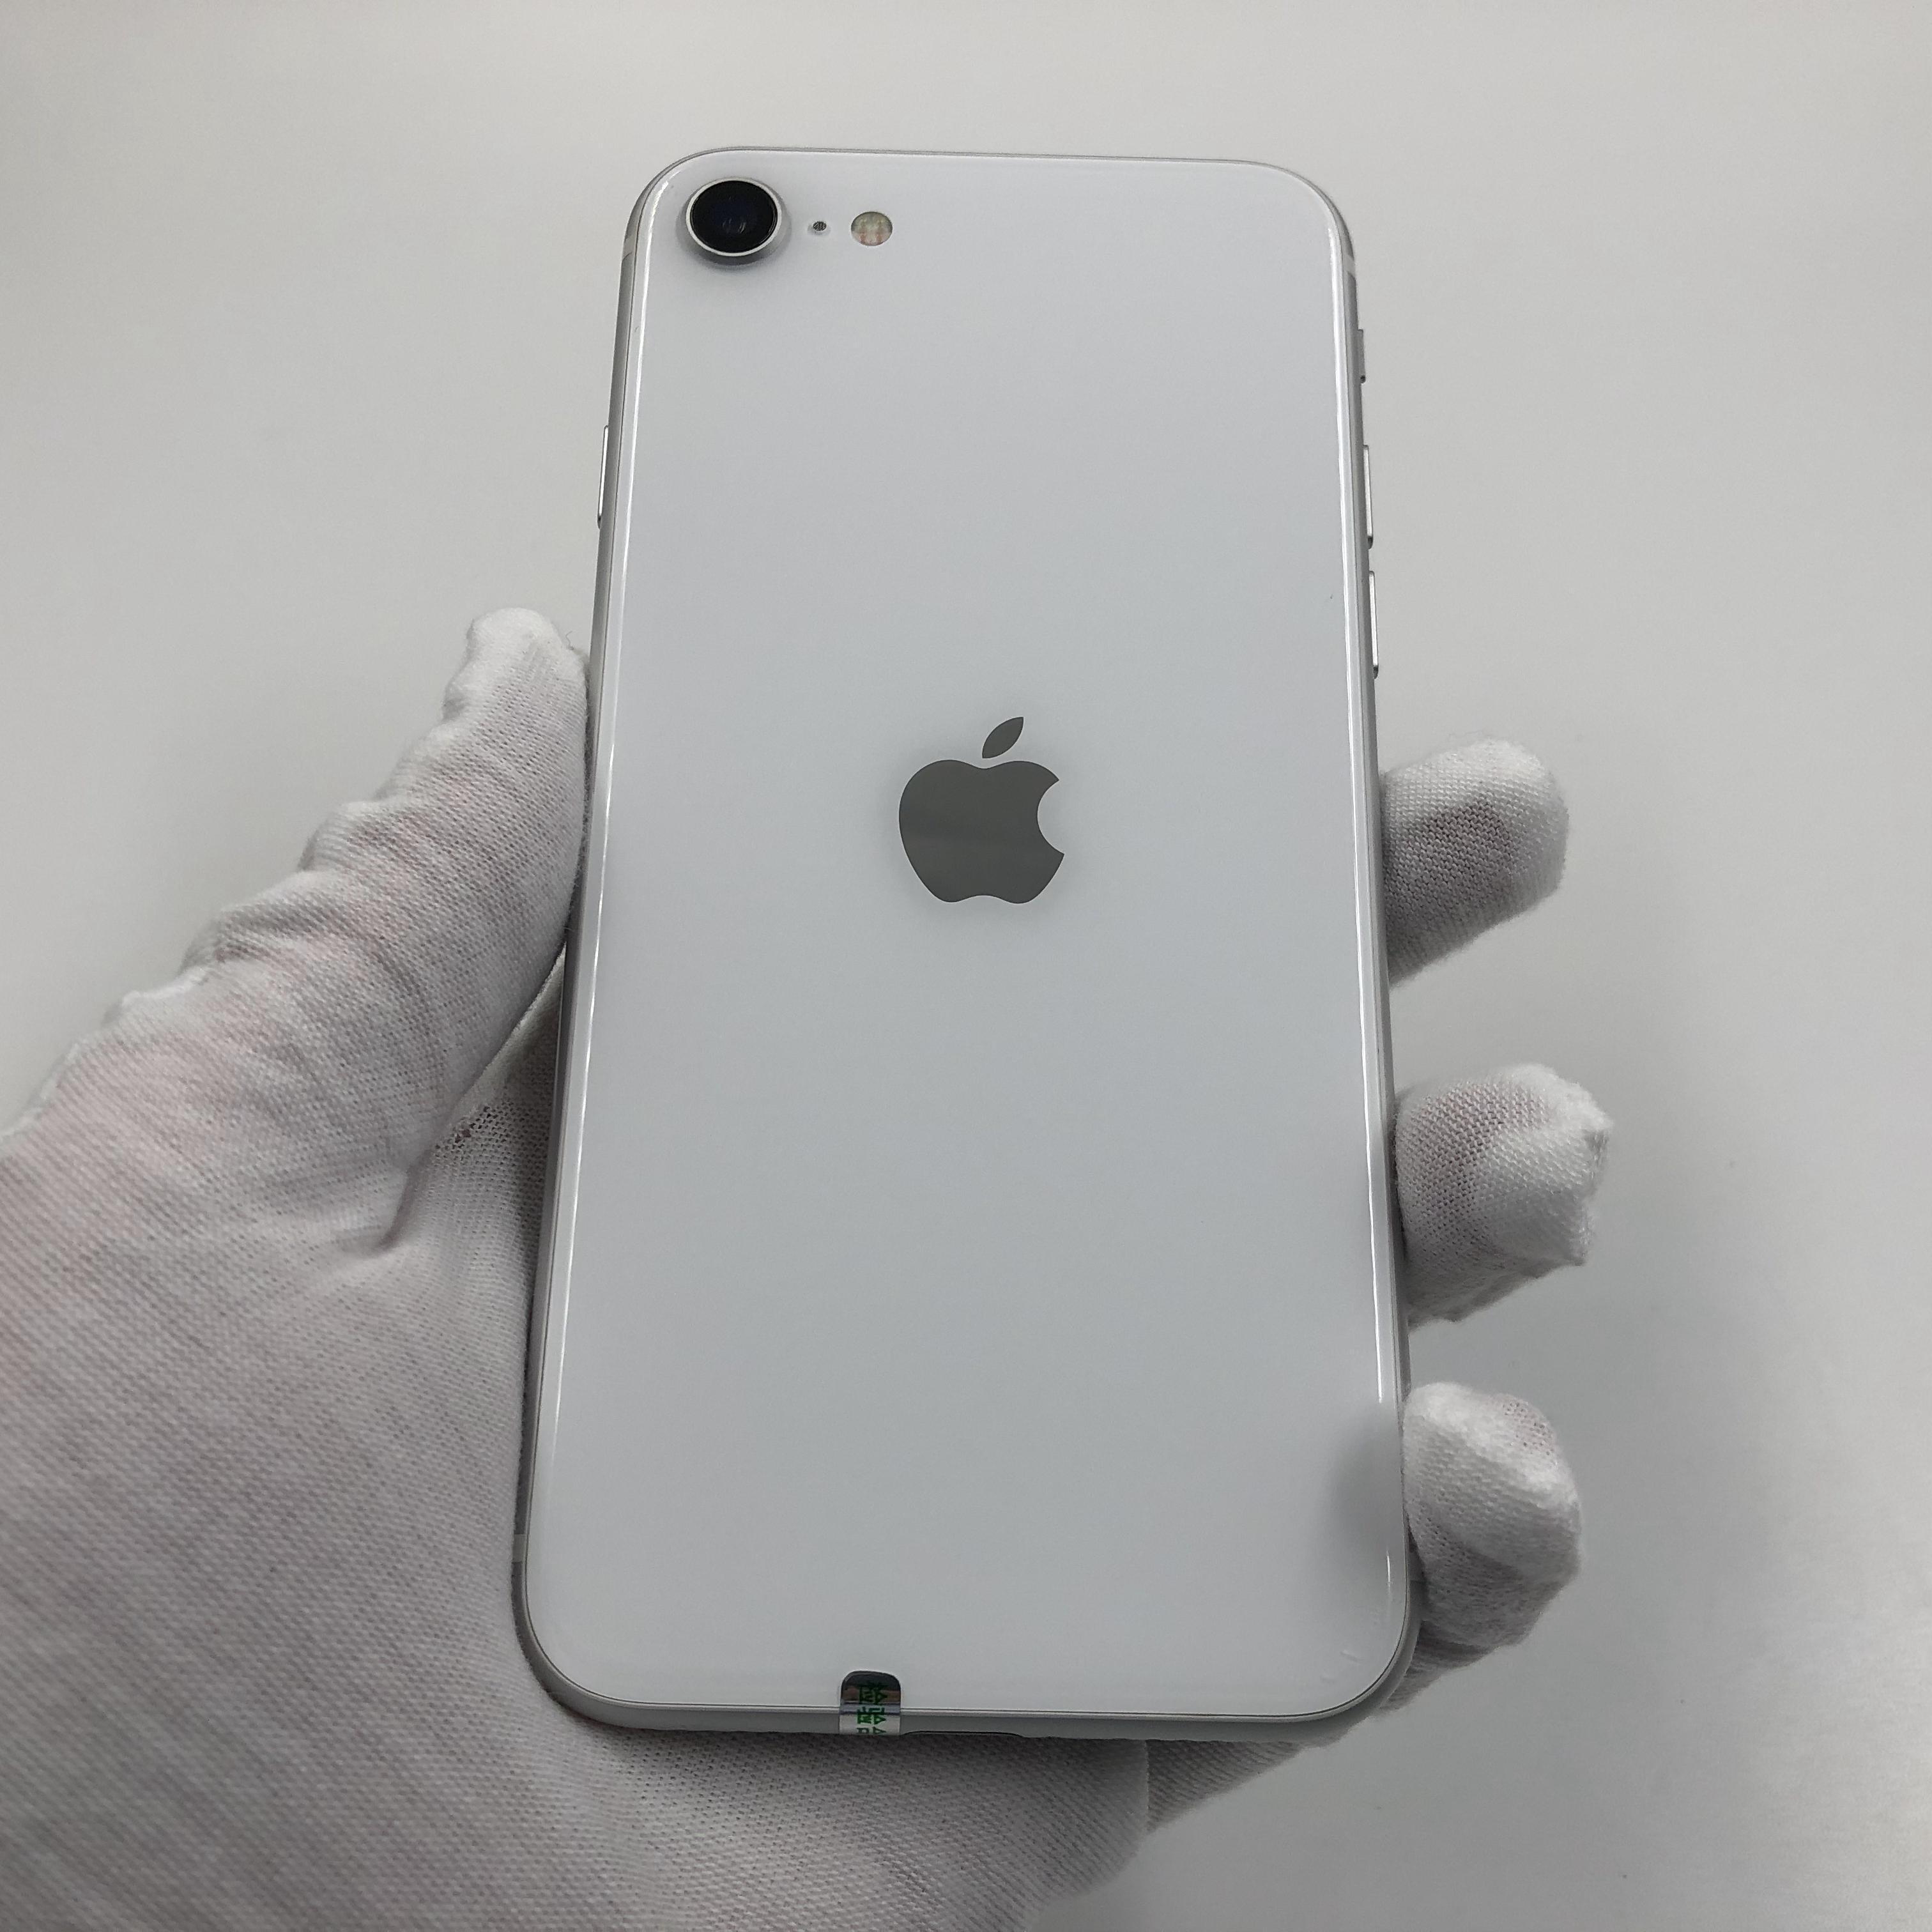 苹果【iPhone SE2】4G全网通 白色 128G 国行 8成新 真机实拍